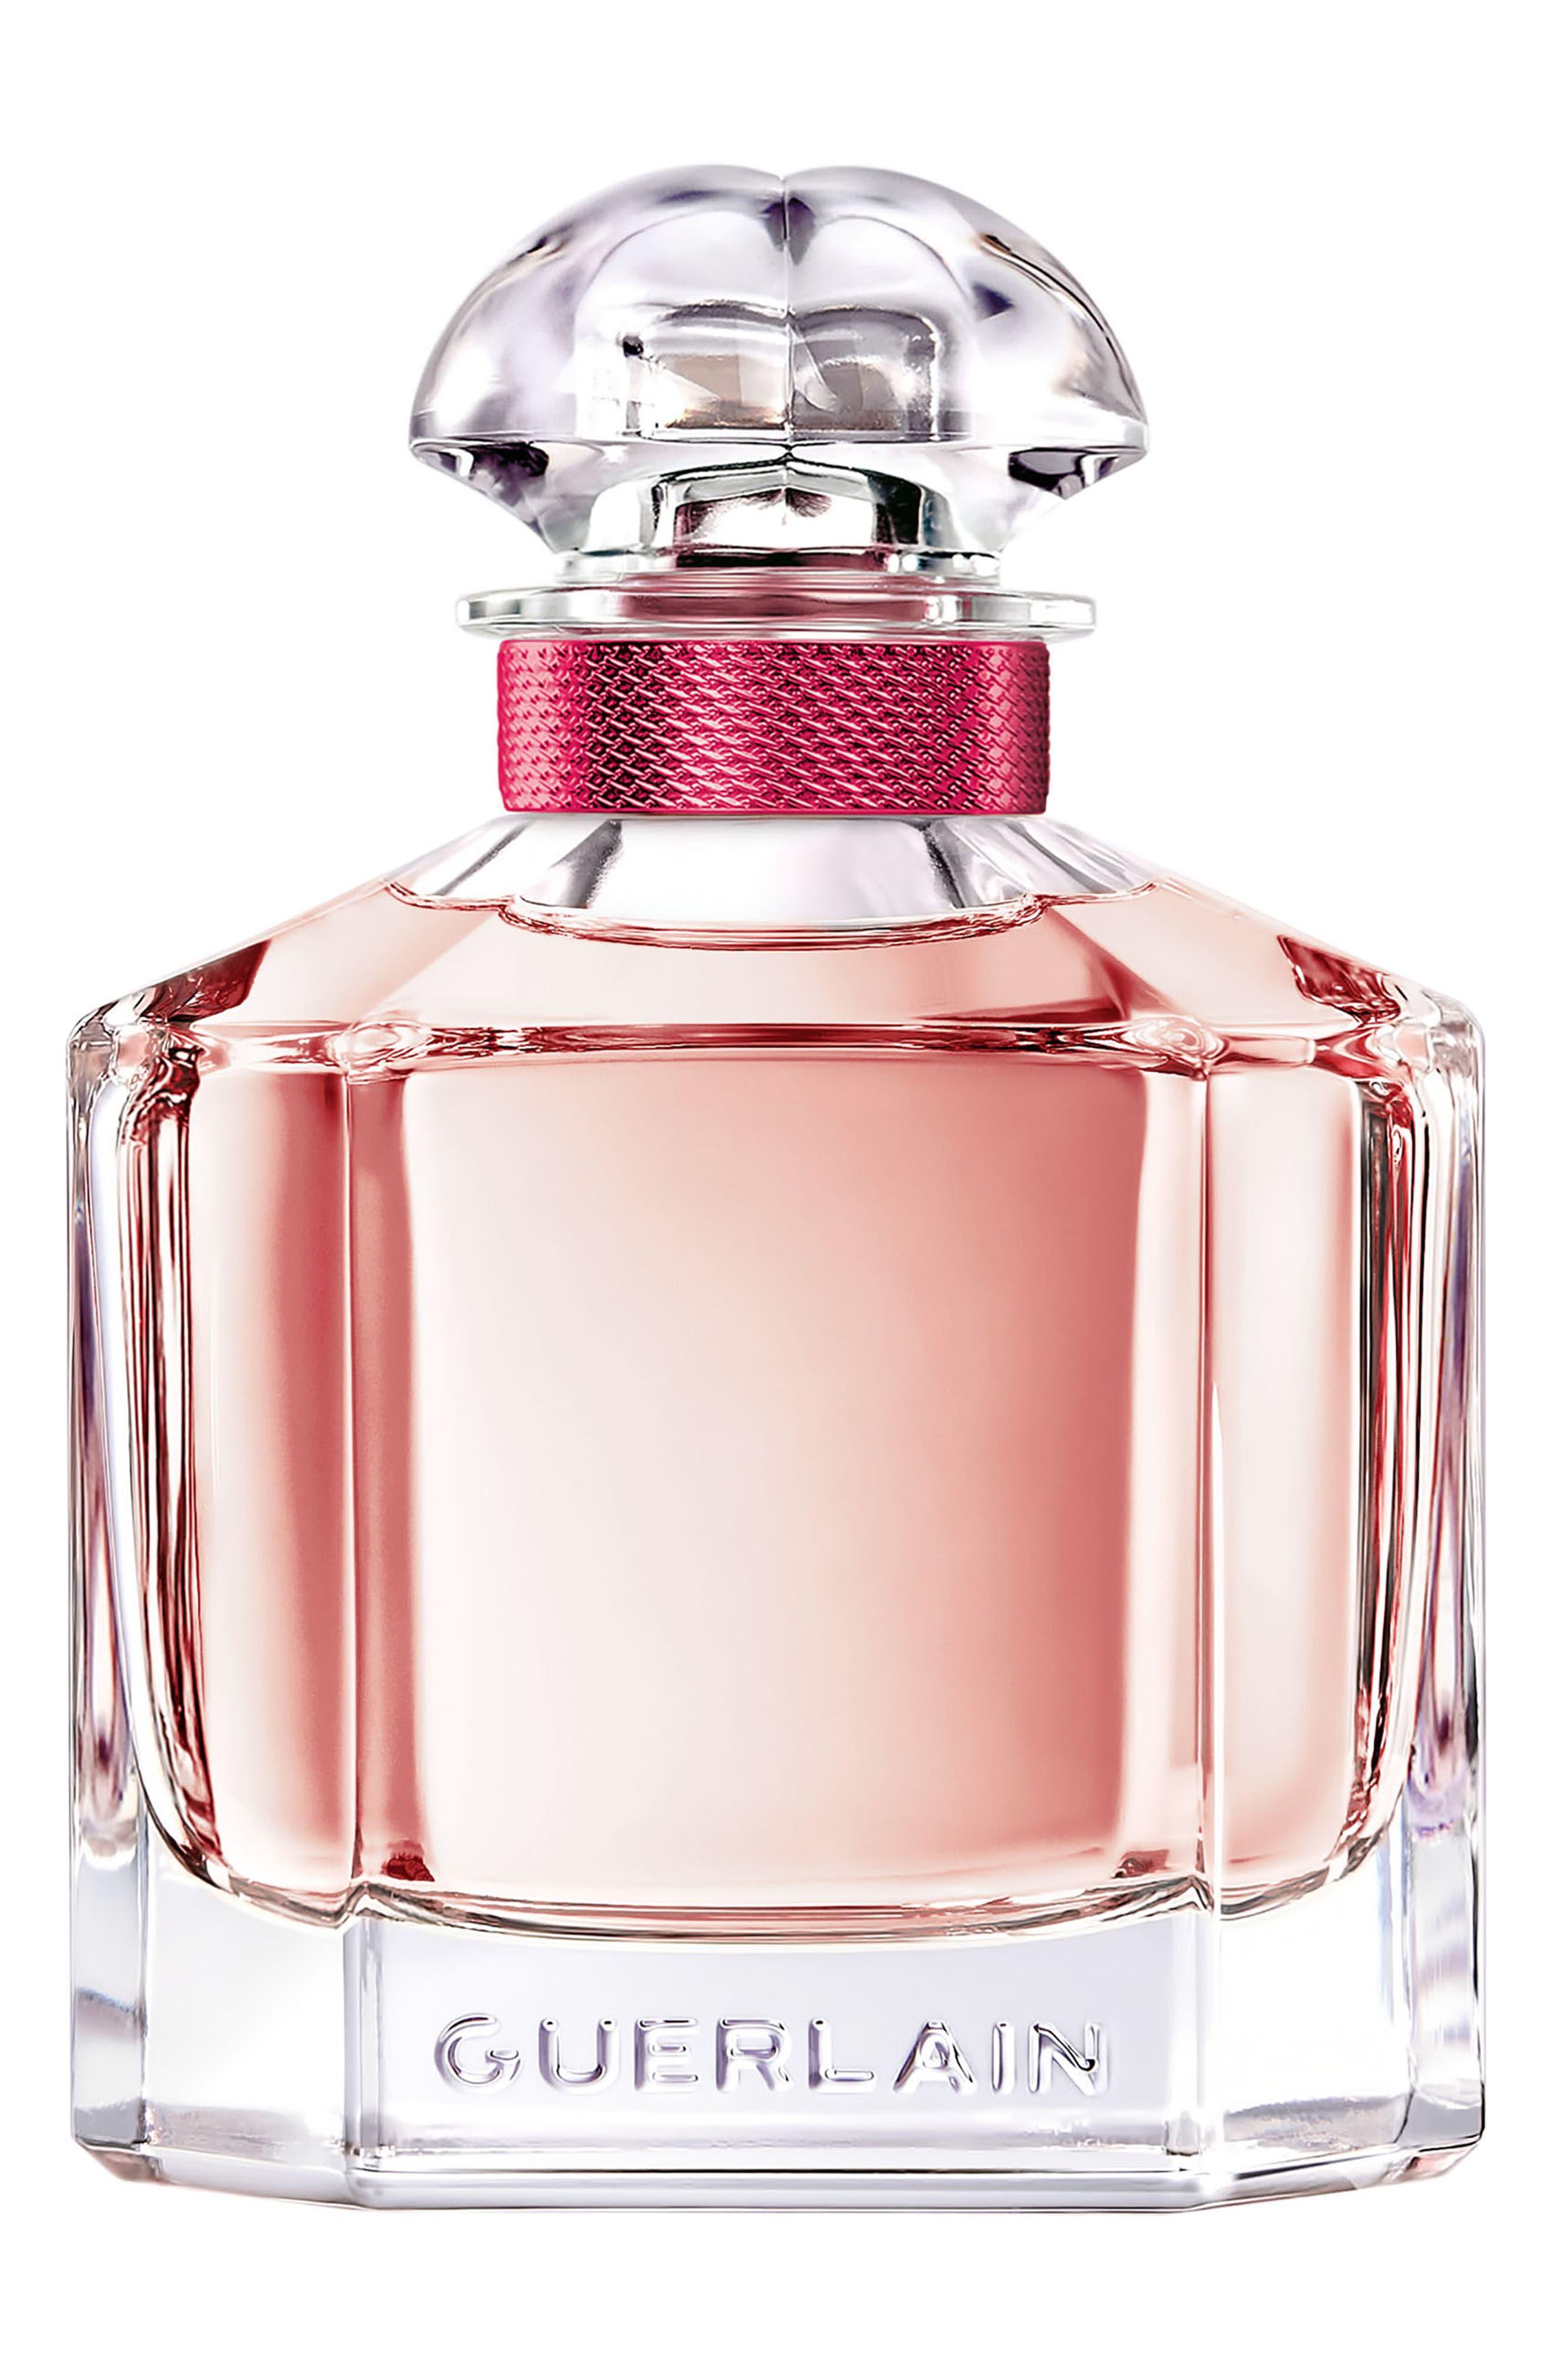 Guerlain Perfume Nordstrom